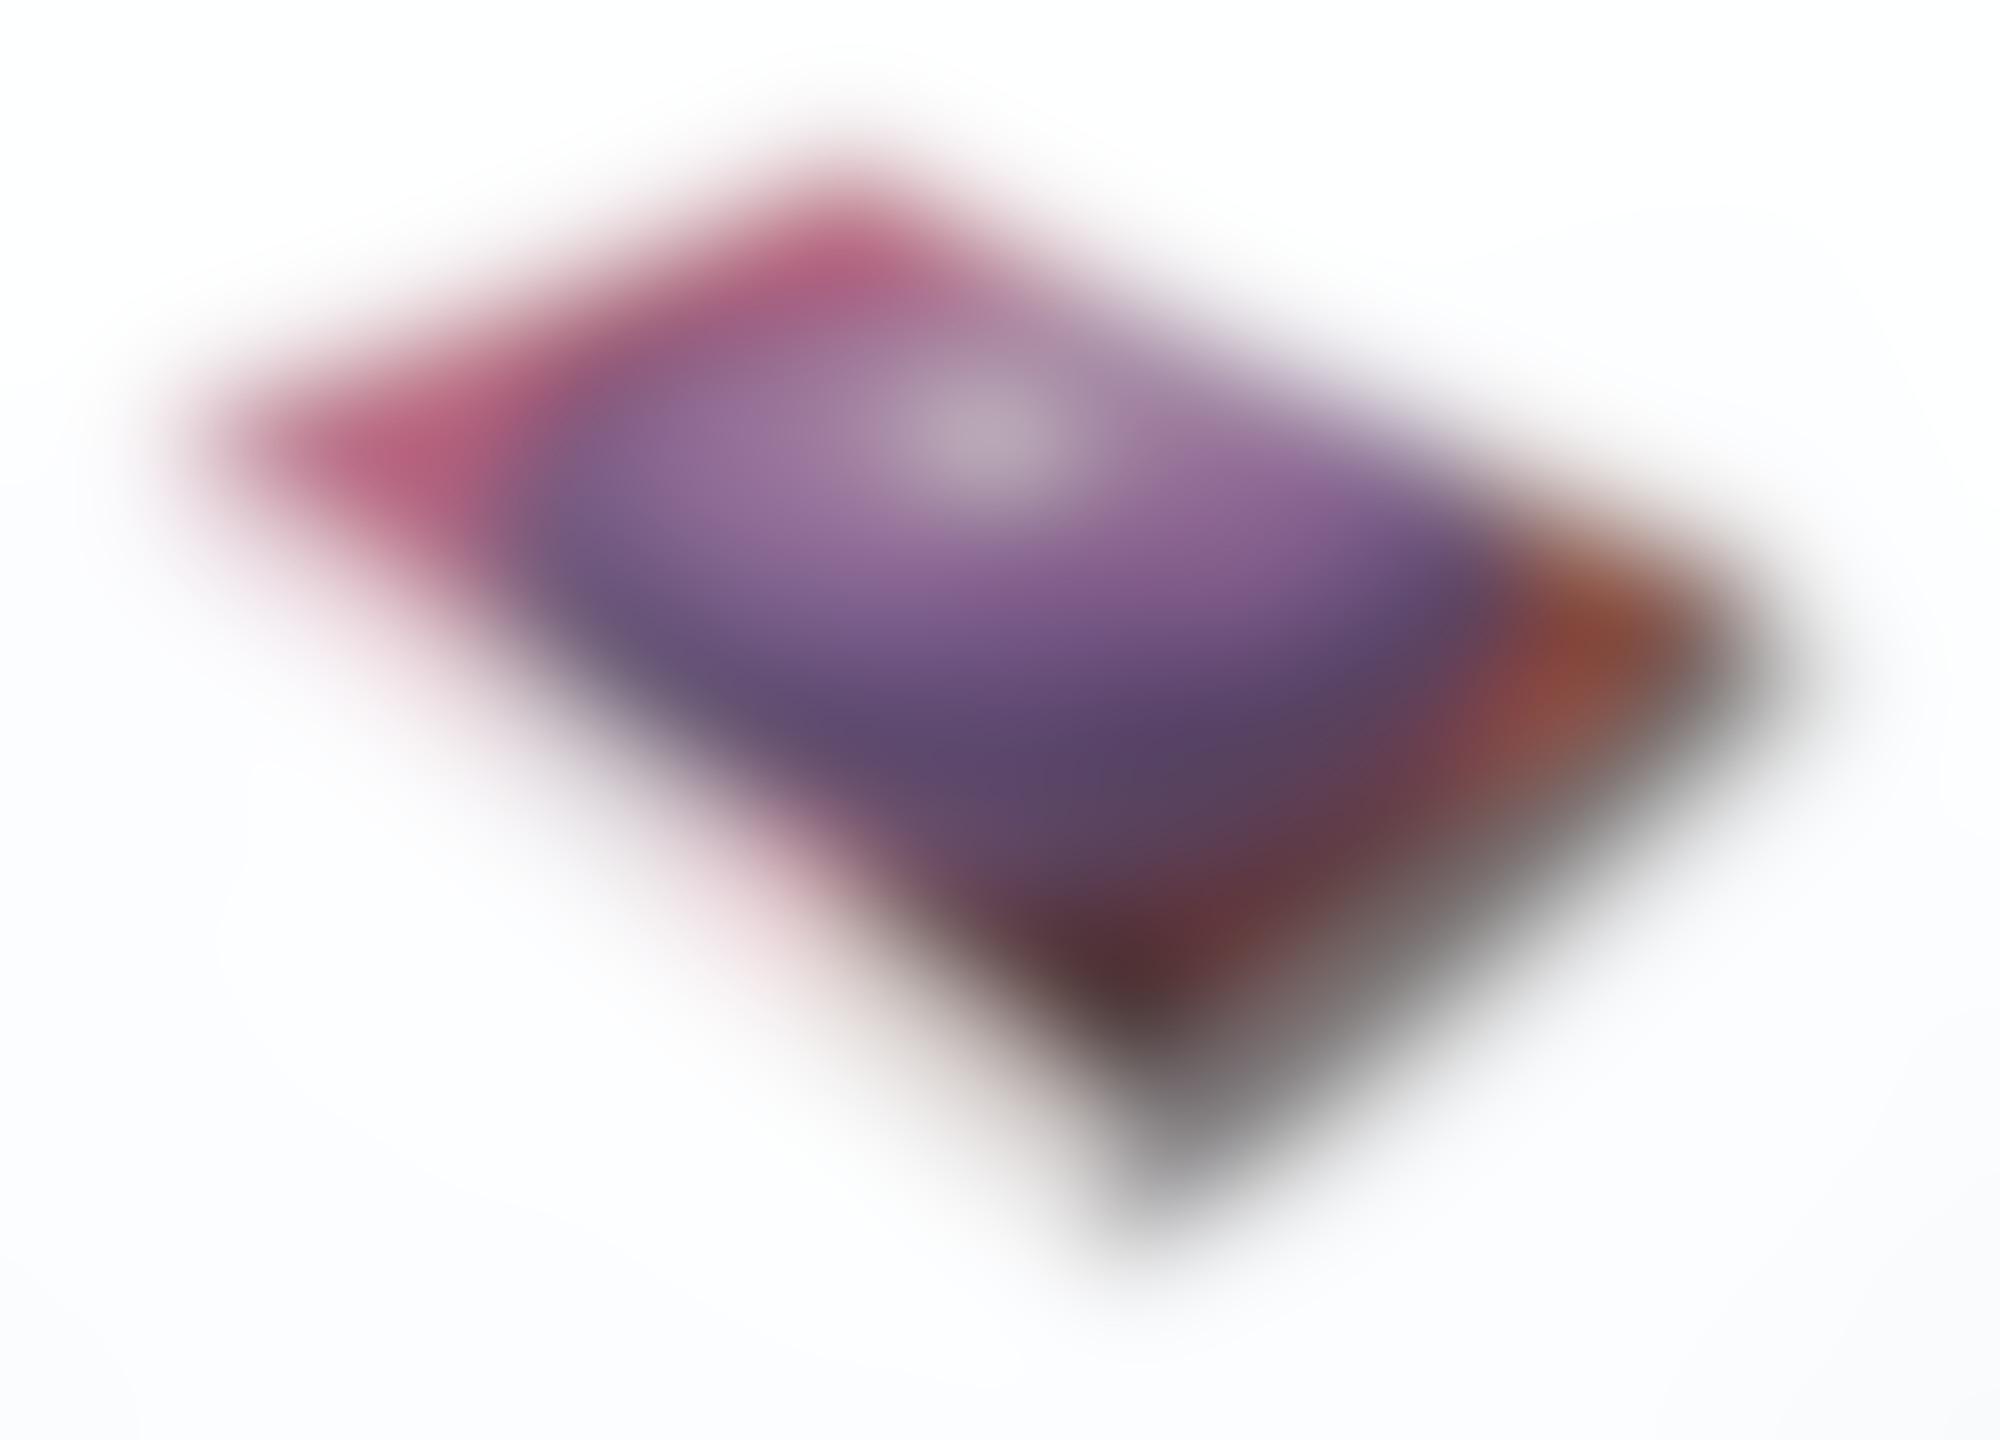 Fab 1 autocompressfitresizeixlibphp 1 1 0max h2000max w3 D2000q80se747bcdb3c372337a16429f8acb415e9